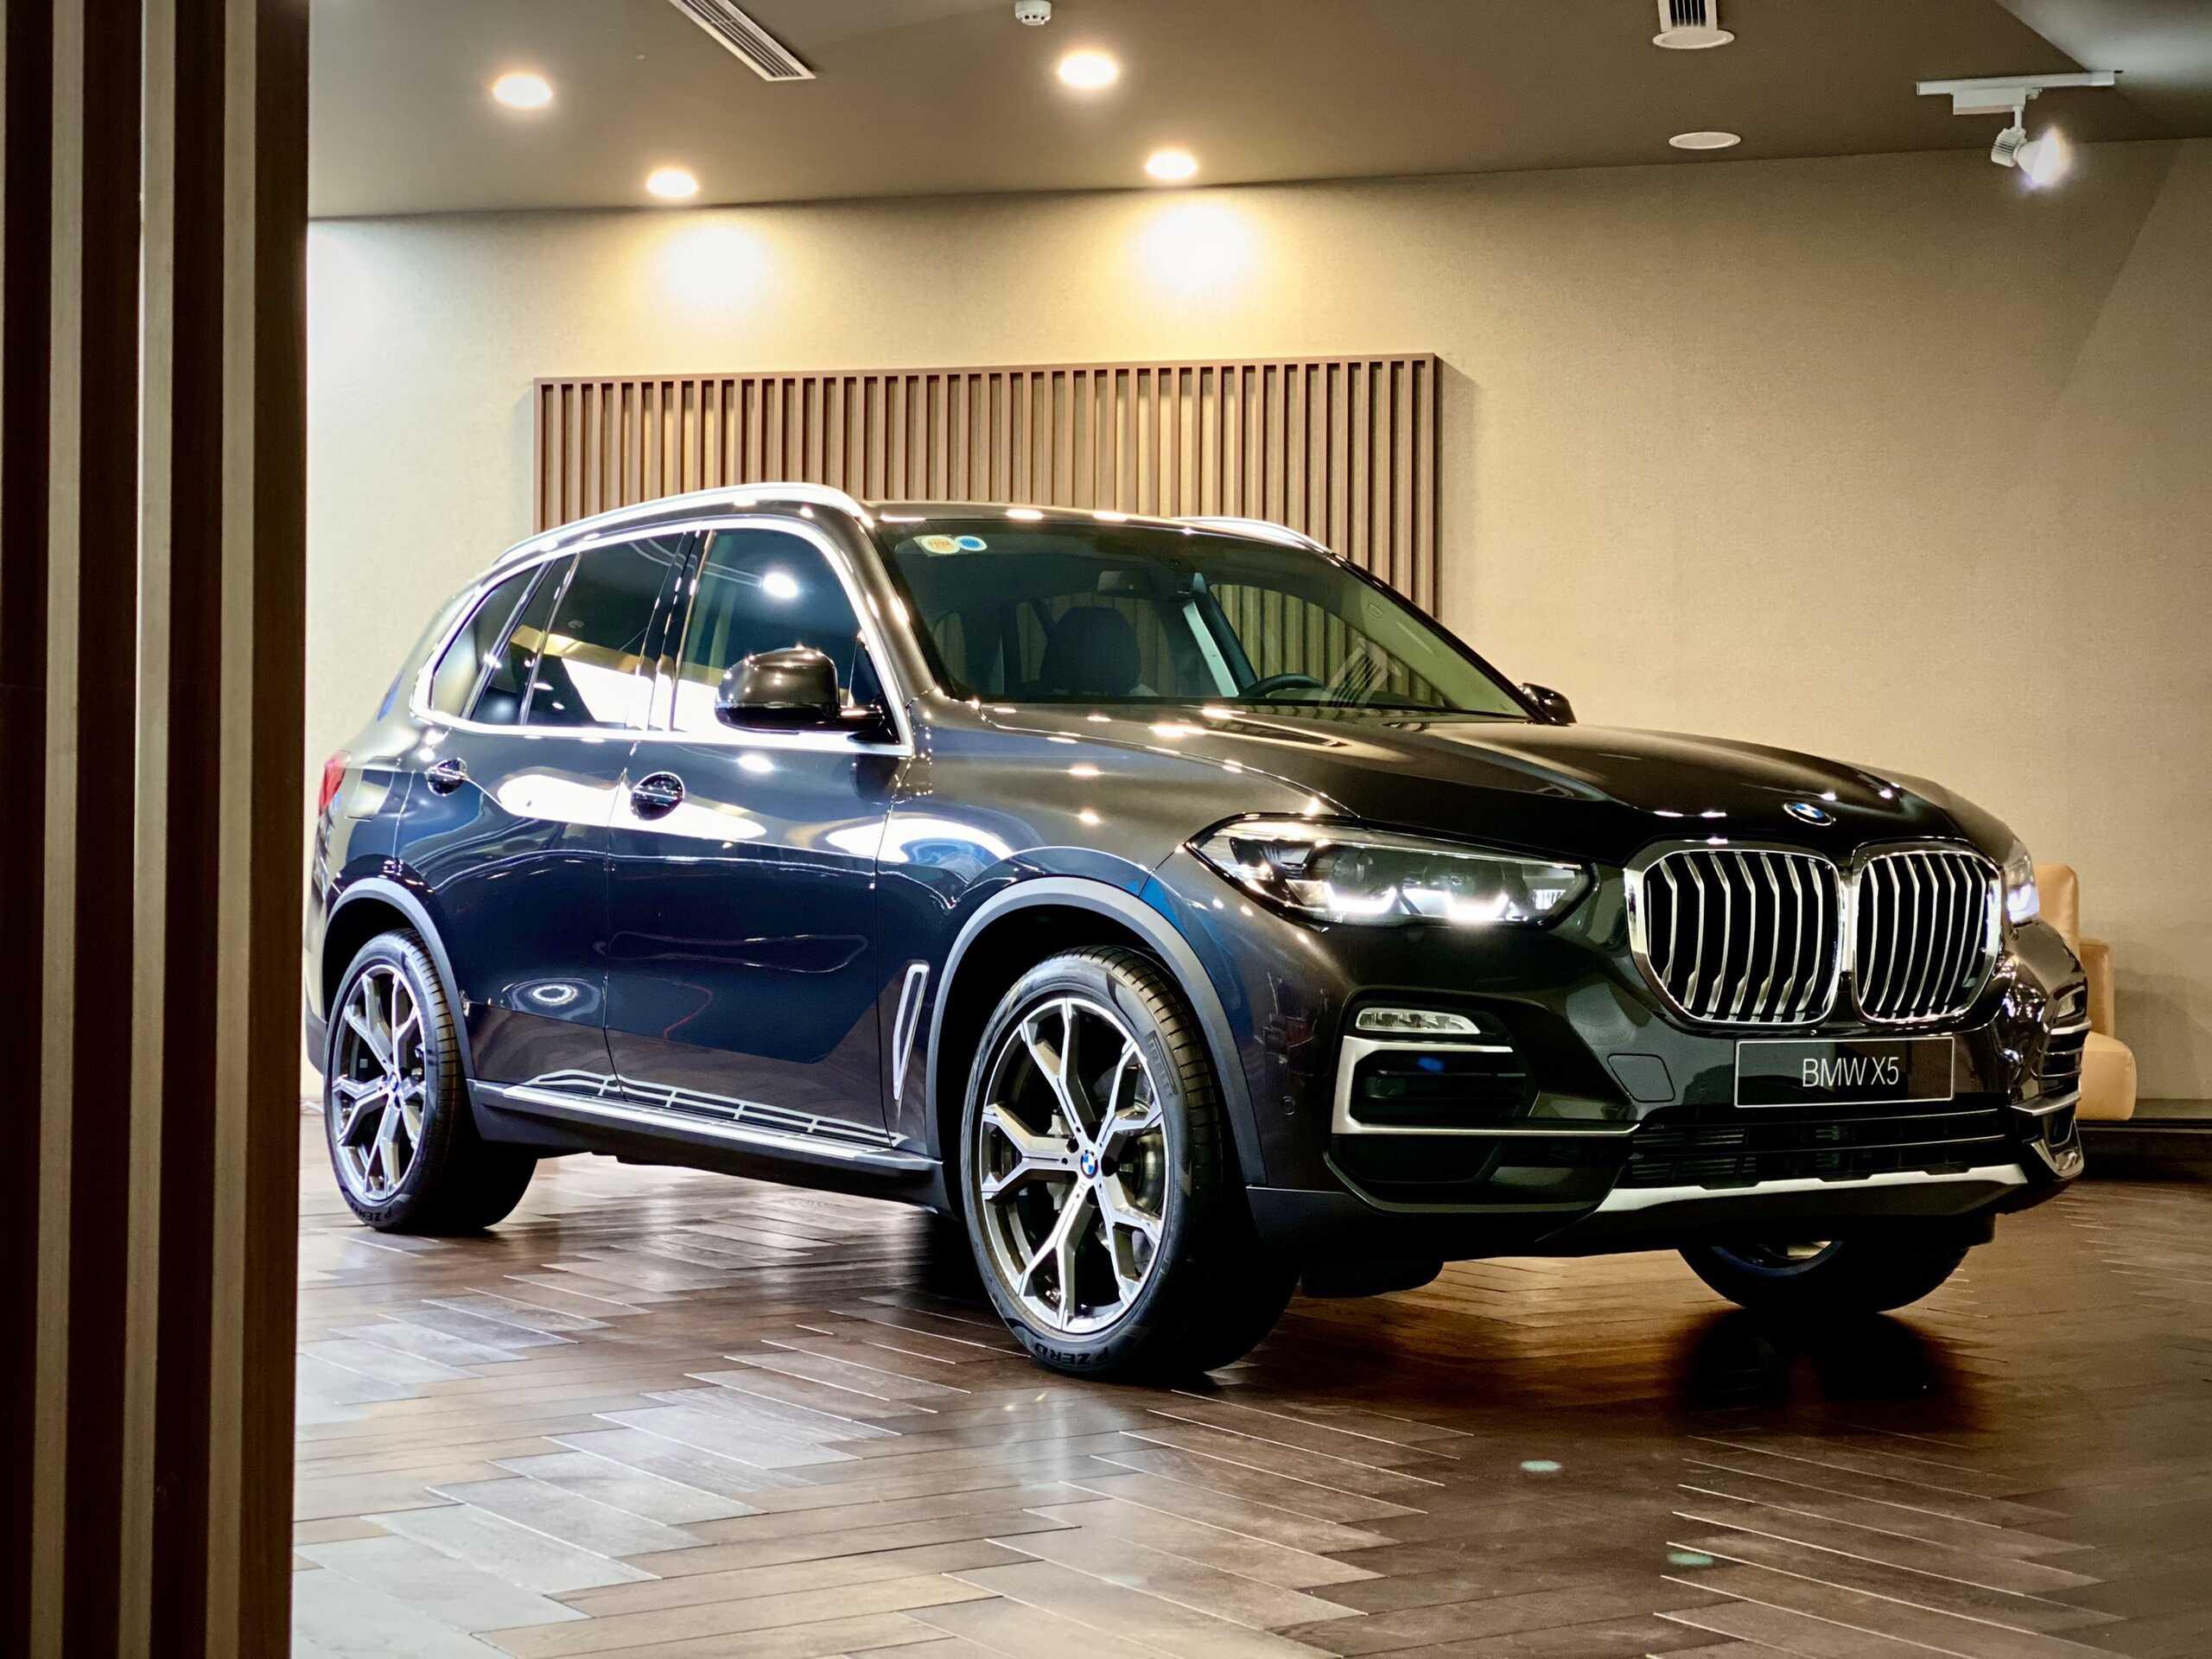 Khả năng vận hành vượt trội trên BMW X5 2021.